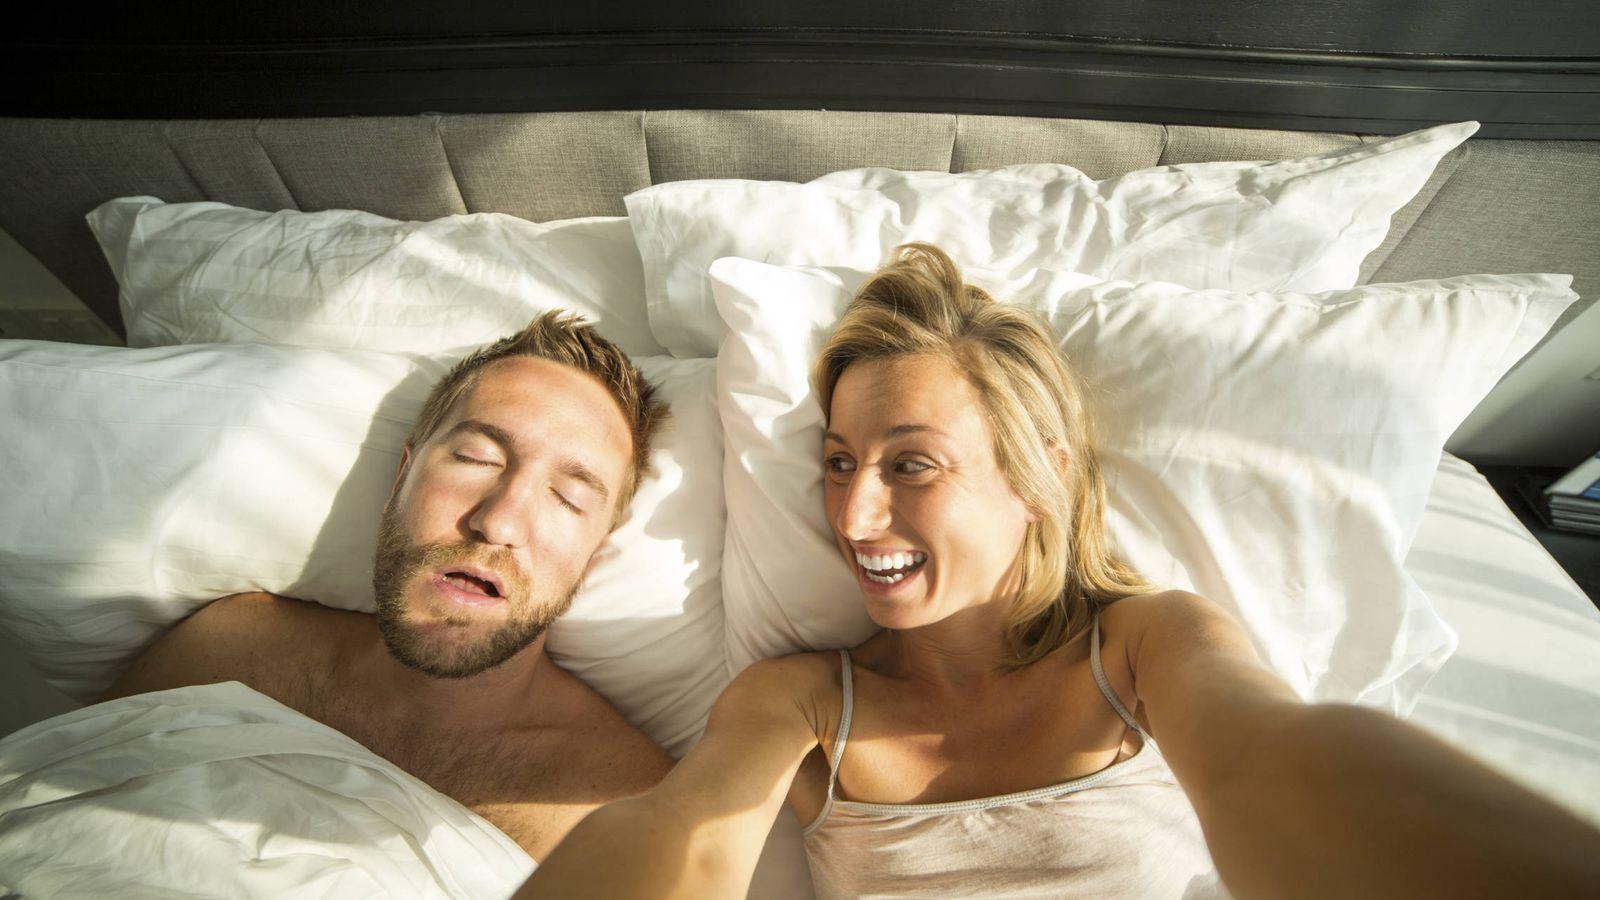 Dormir bien no es dormir perfecto, igual que comer   Blogs